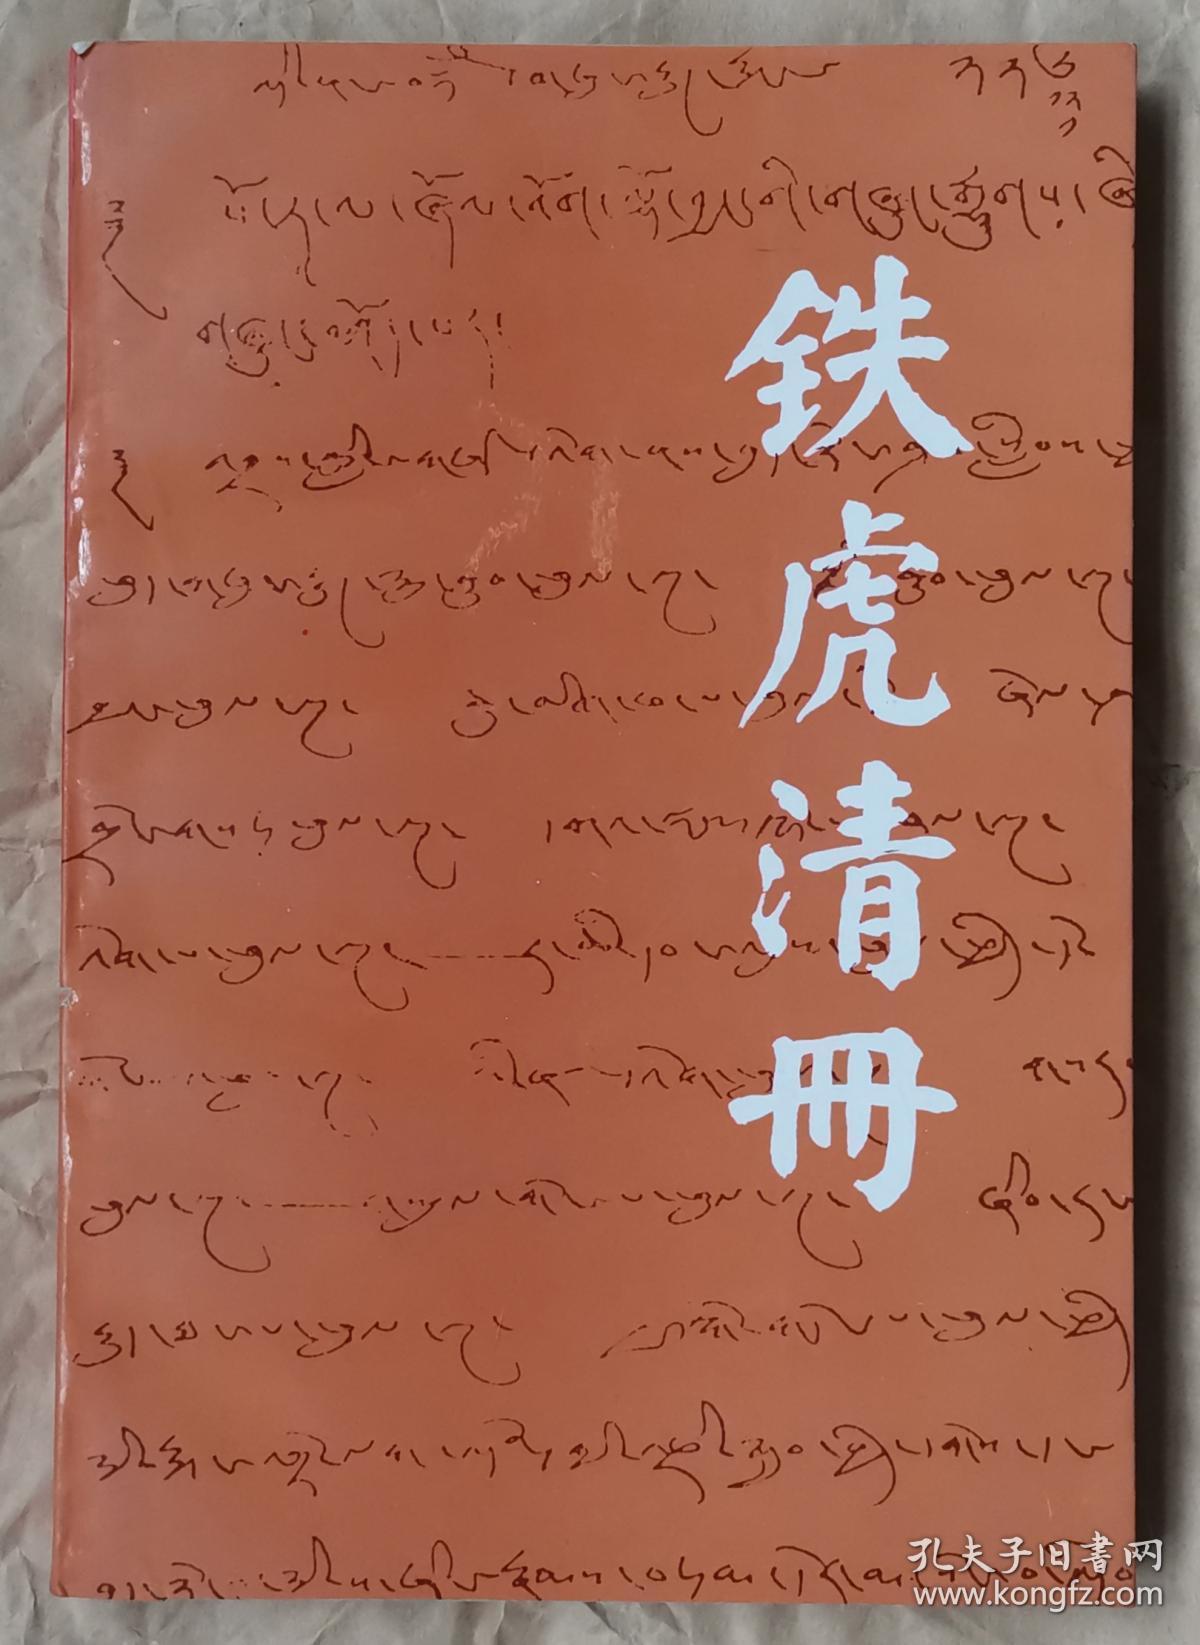 《铁虎清册》格桑卓噶 等编译